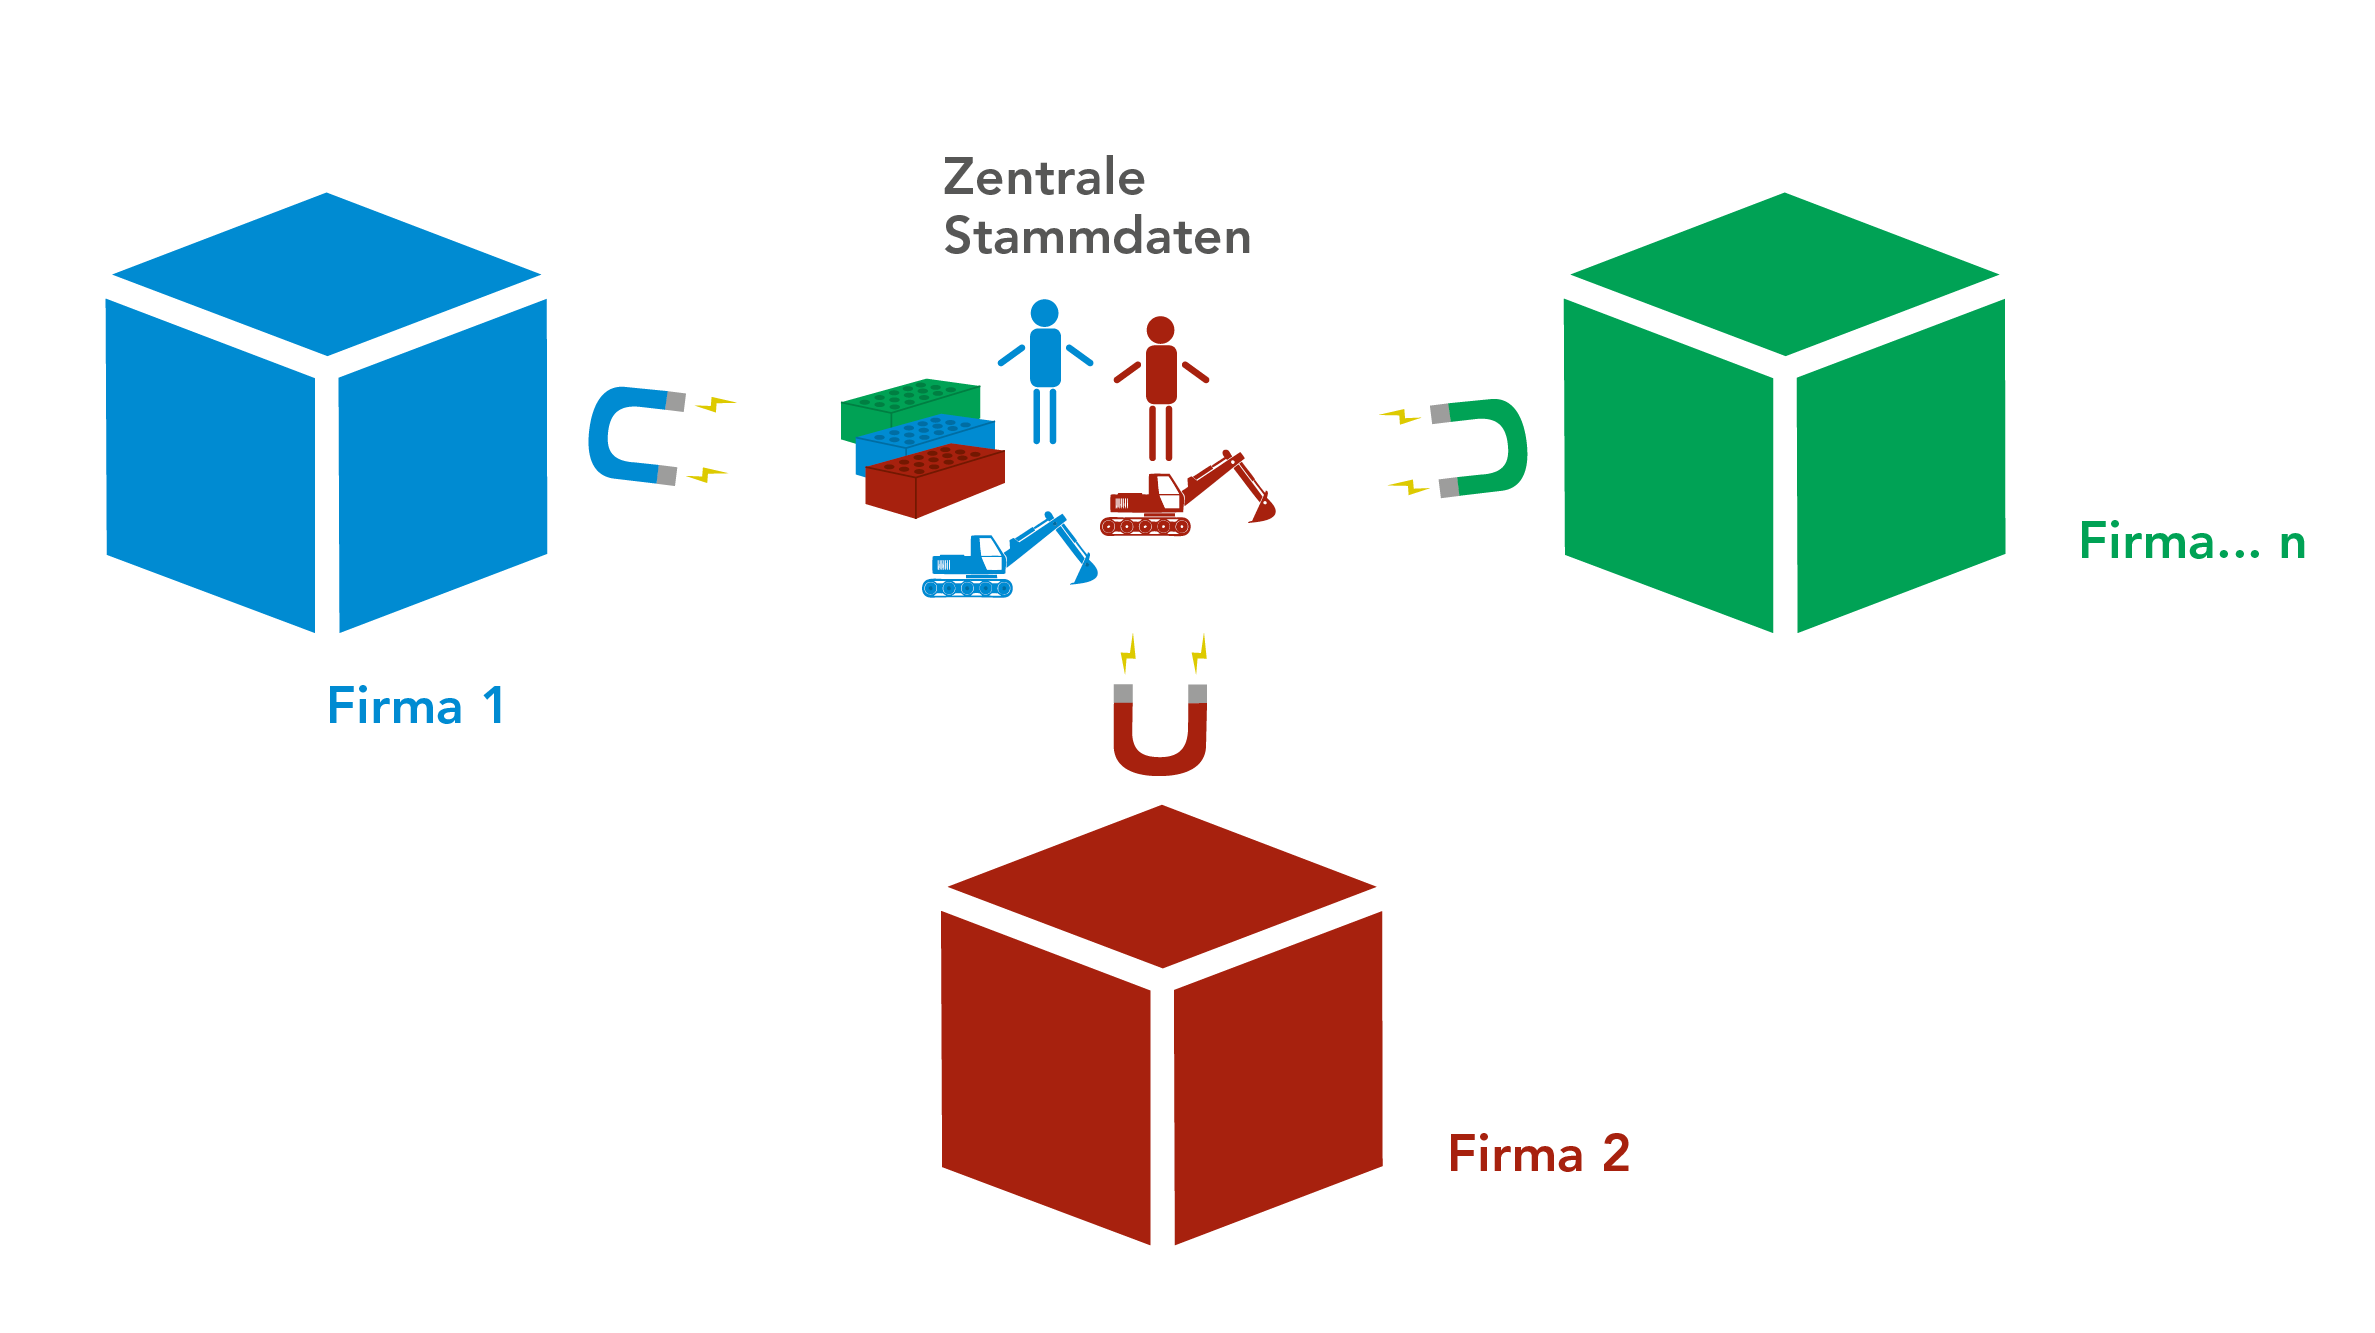 Darstellung von zentralen Stammdaten, die zwischen verschiedene Unternehmen geteilt werden